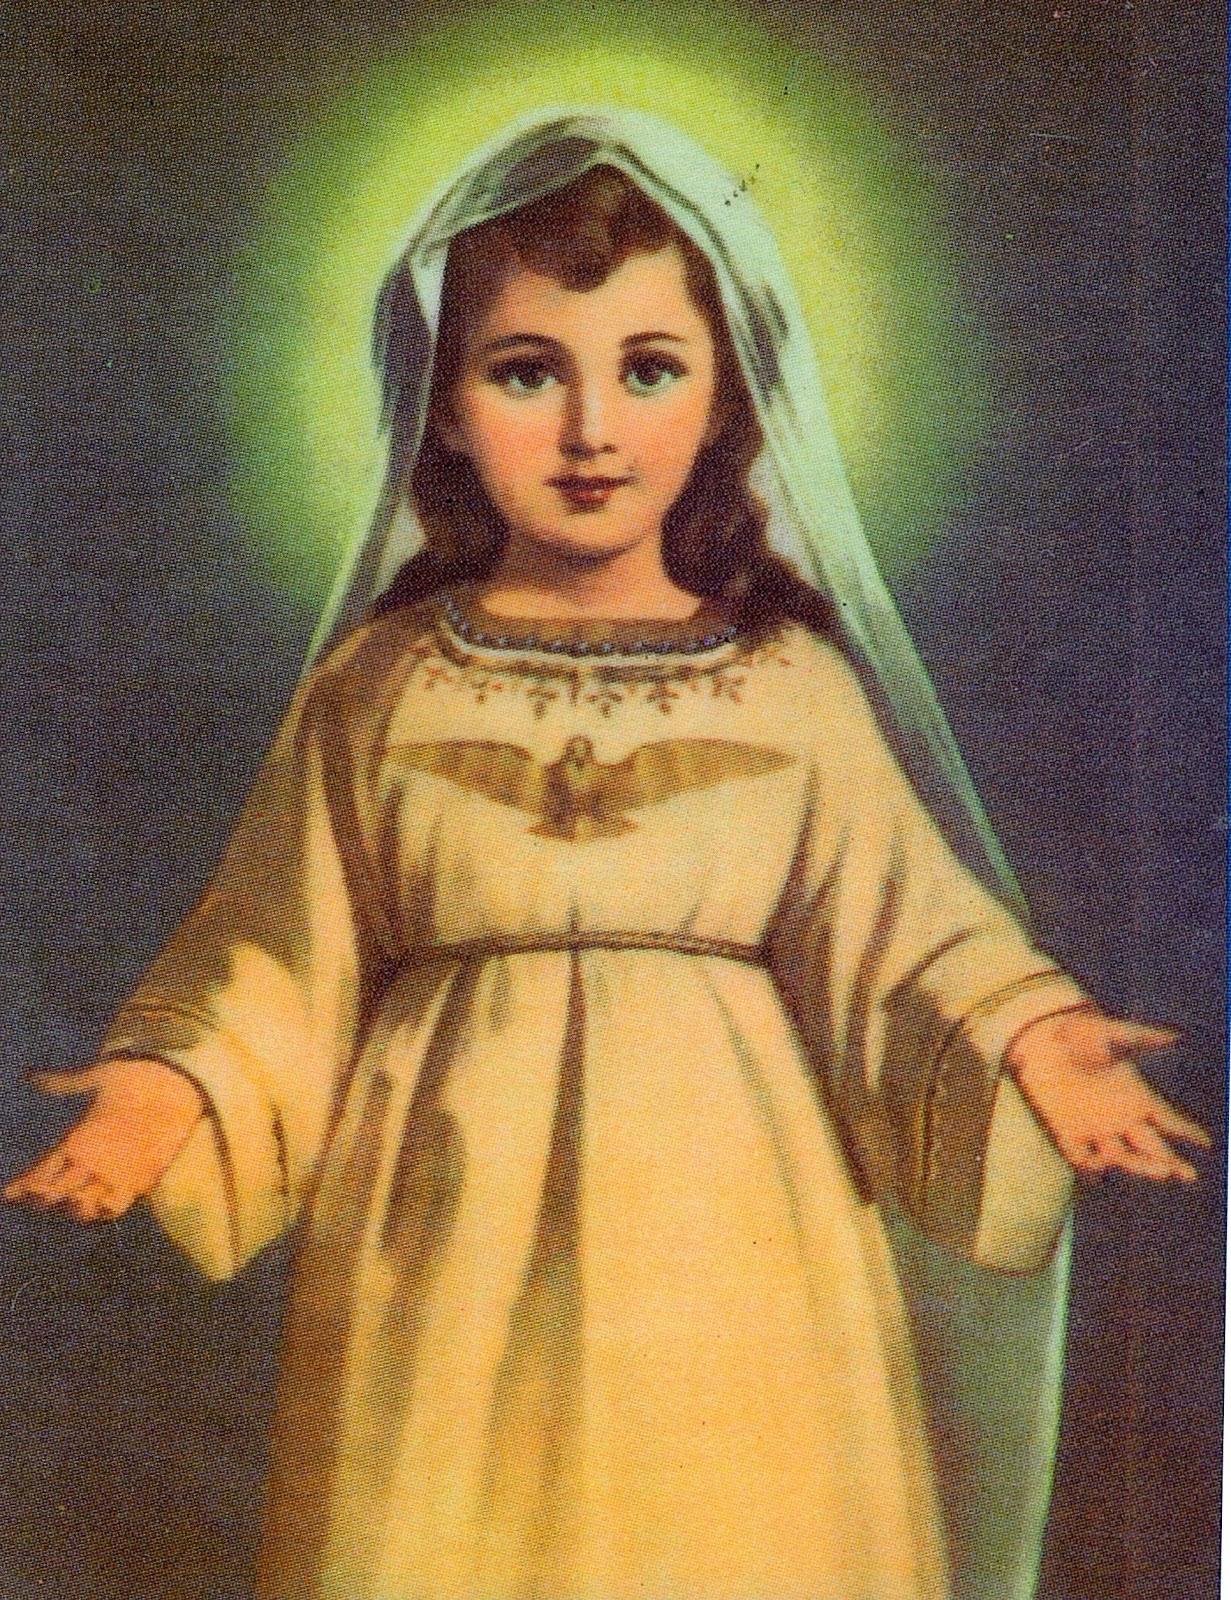 Resultado de imagen para virgen niña